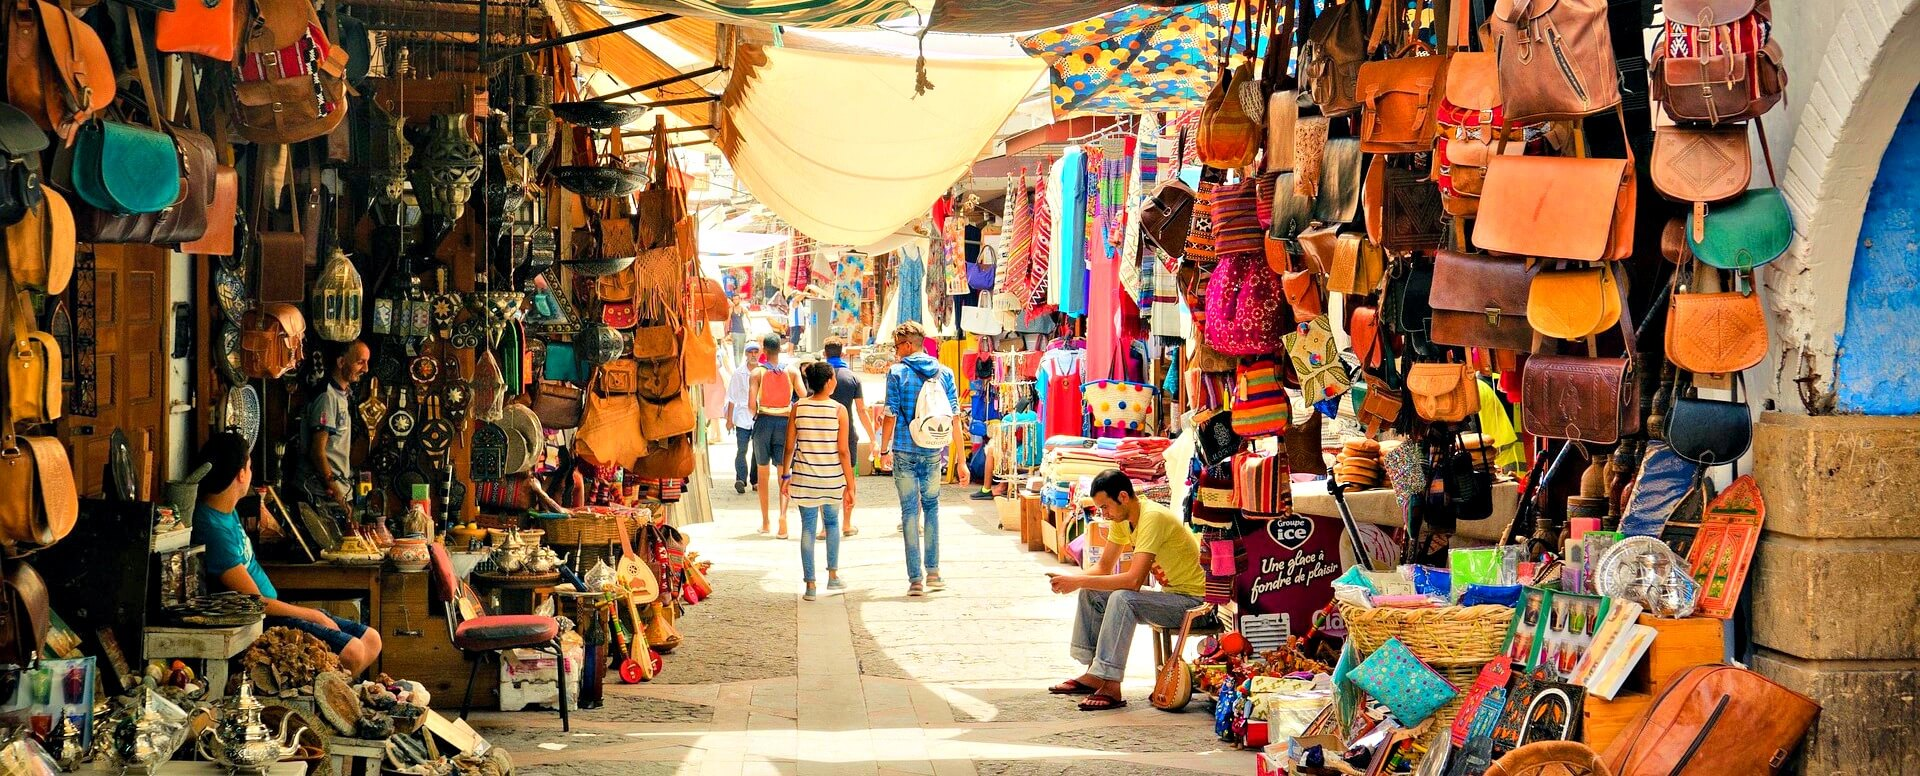 Trouvez votre bonheur dans les souks - Marrakech